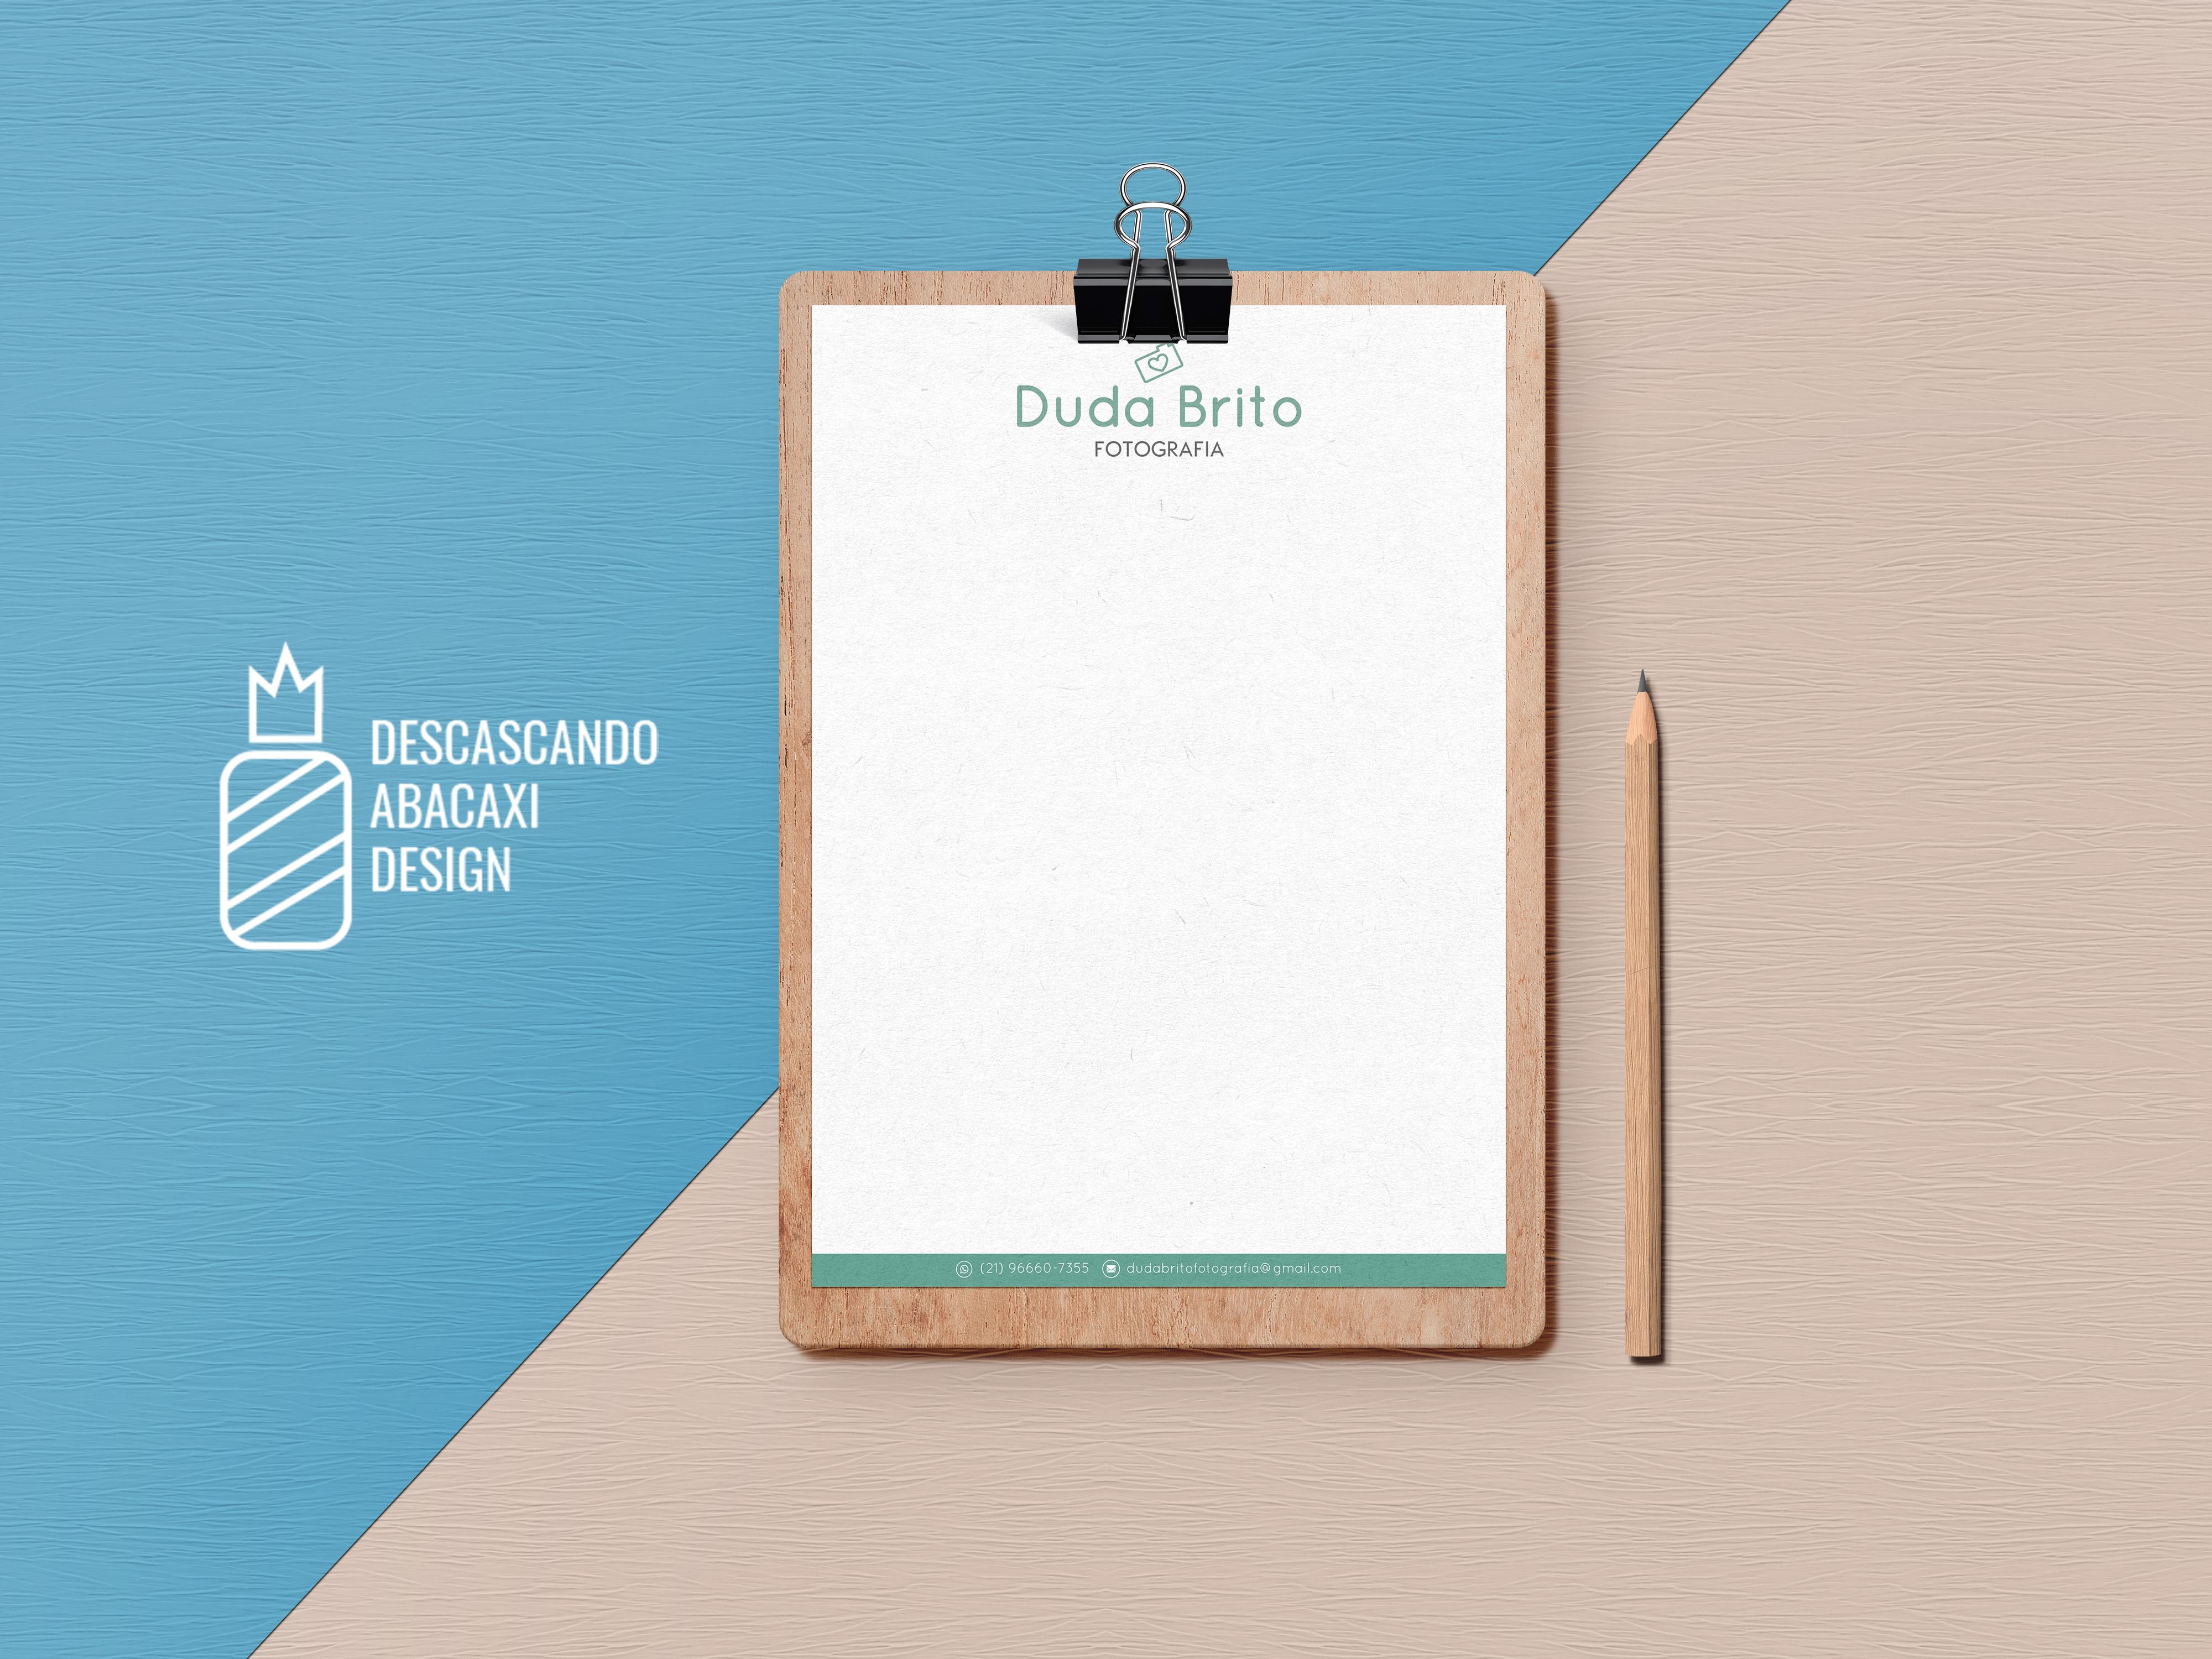 c063272da Papel Timbrado - Bloco 100 Folhas Frente (Impresso) no Elo7 | Descascando  Abacaxi Design (A5C087)